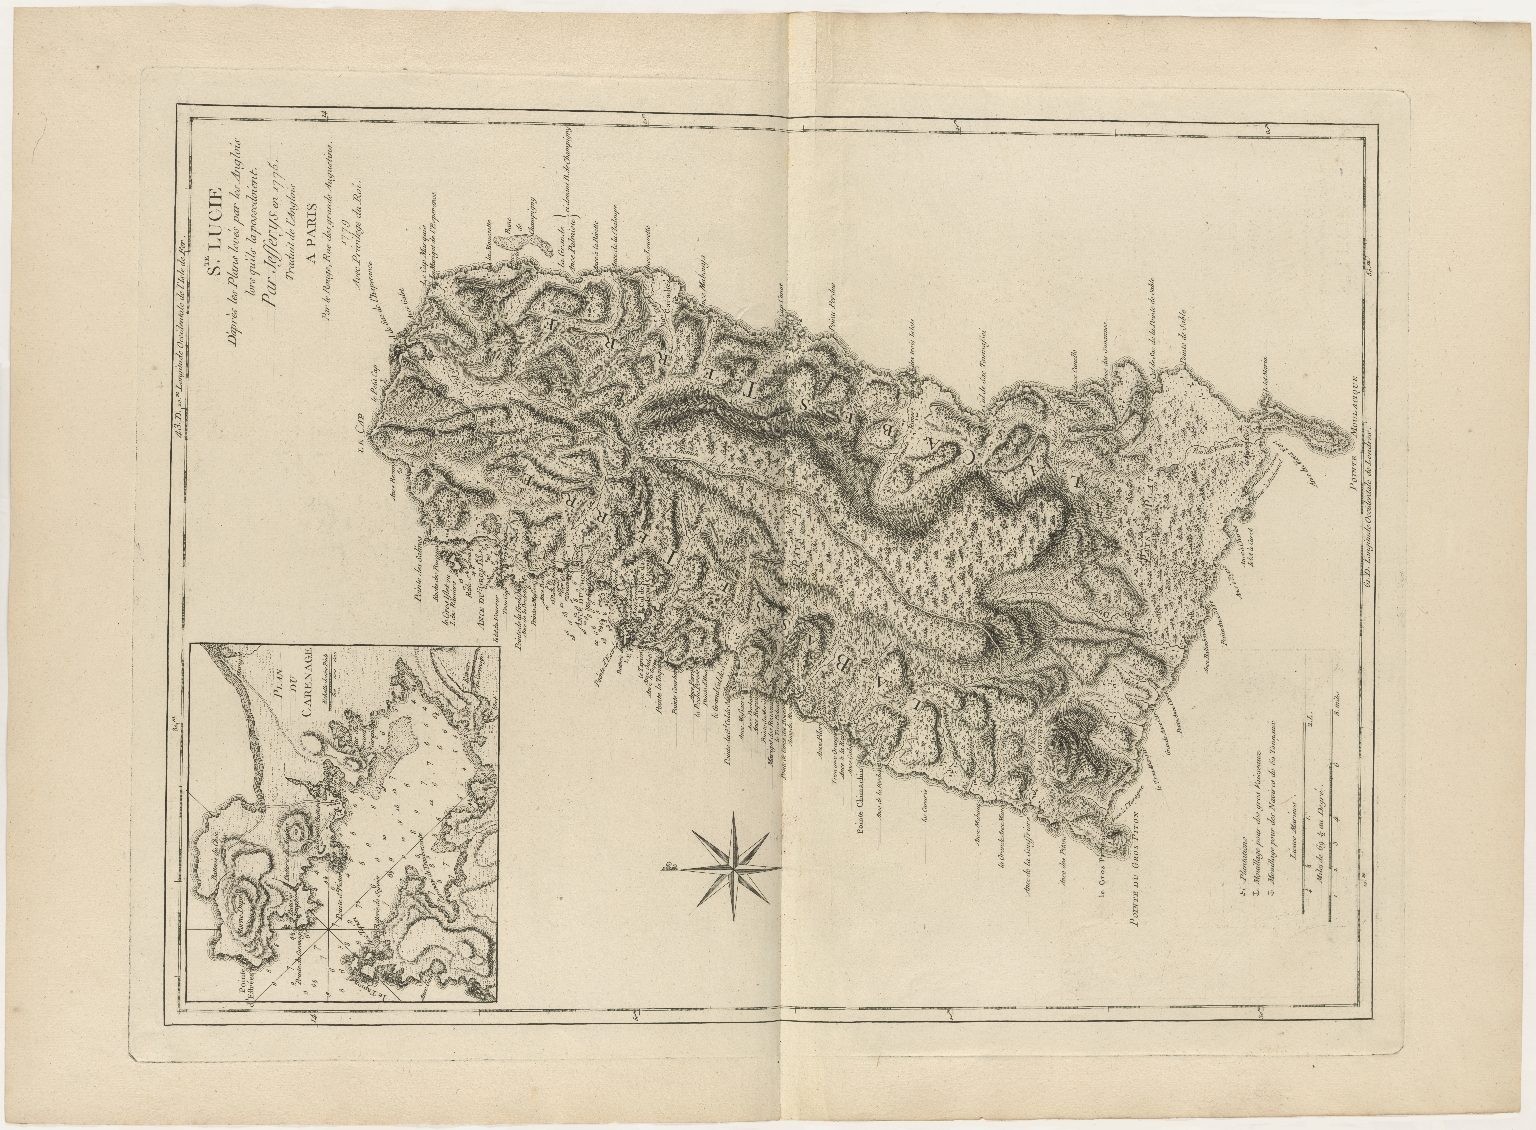 Ste. Lucie D'après les Plans levé par les Anglois lors qu'ils la possedoient, Par Jefferys en 1775 Traduit de l'Anglois